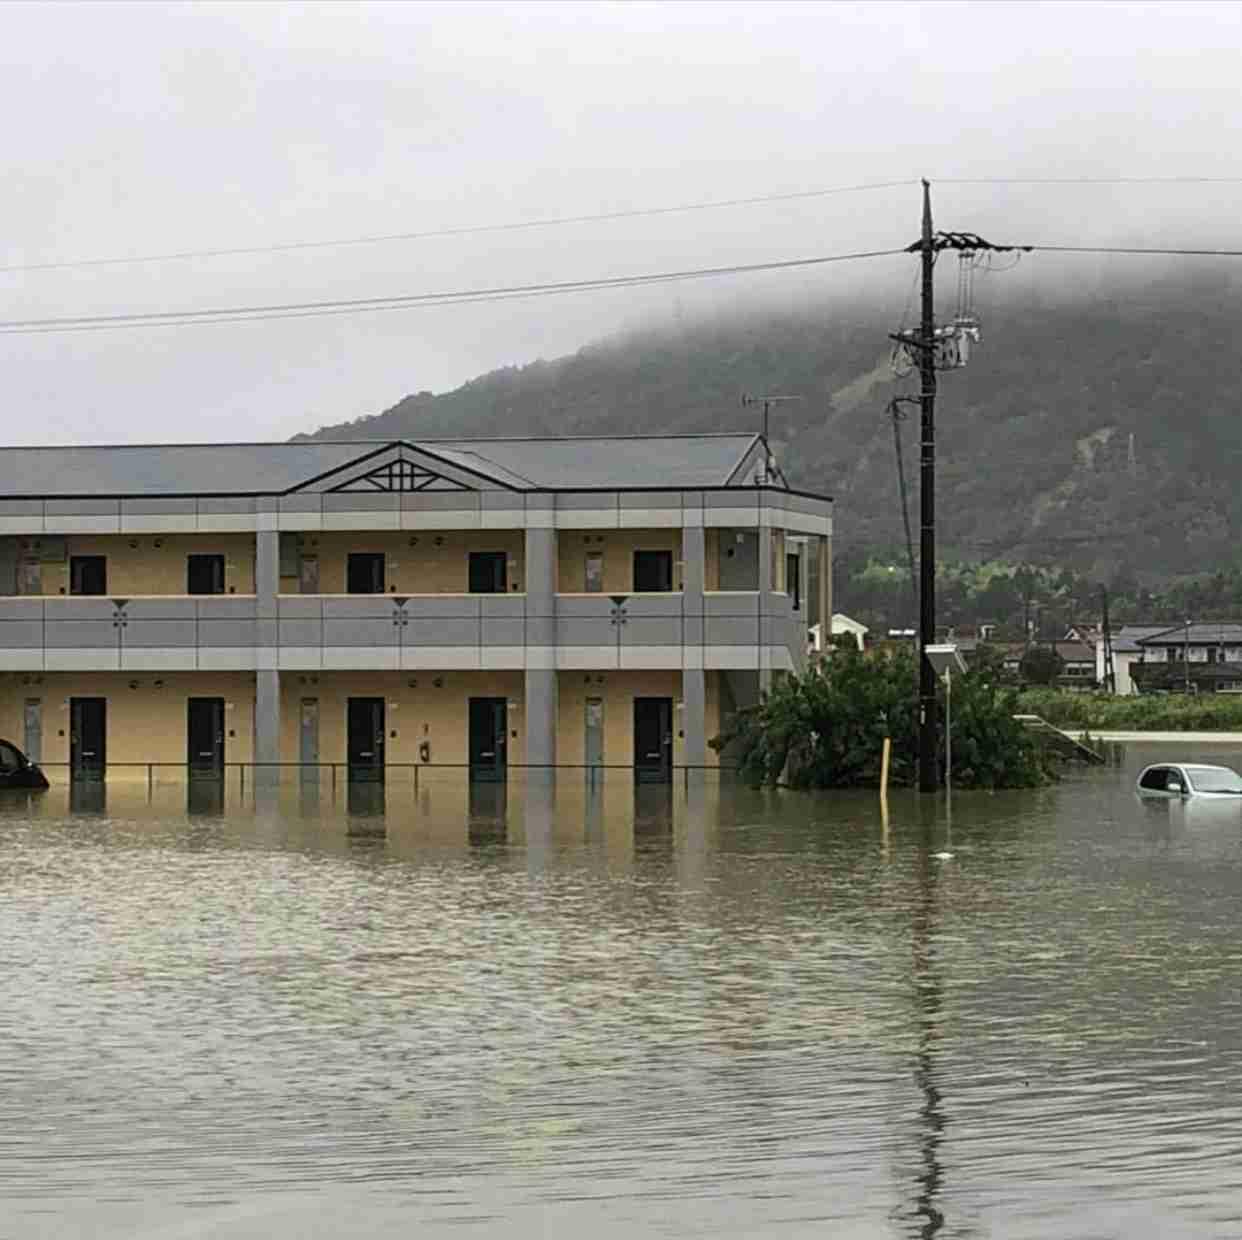 大雨 6人死亡 少なくとも38人が安否不明